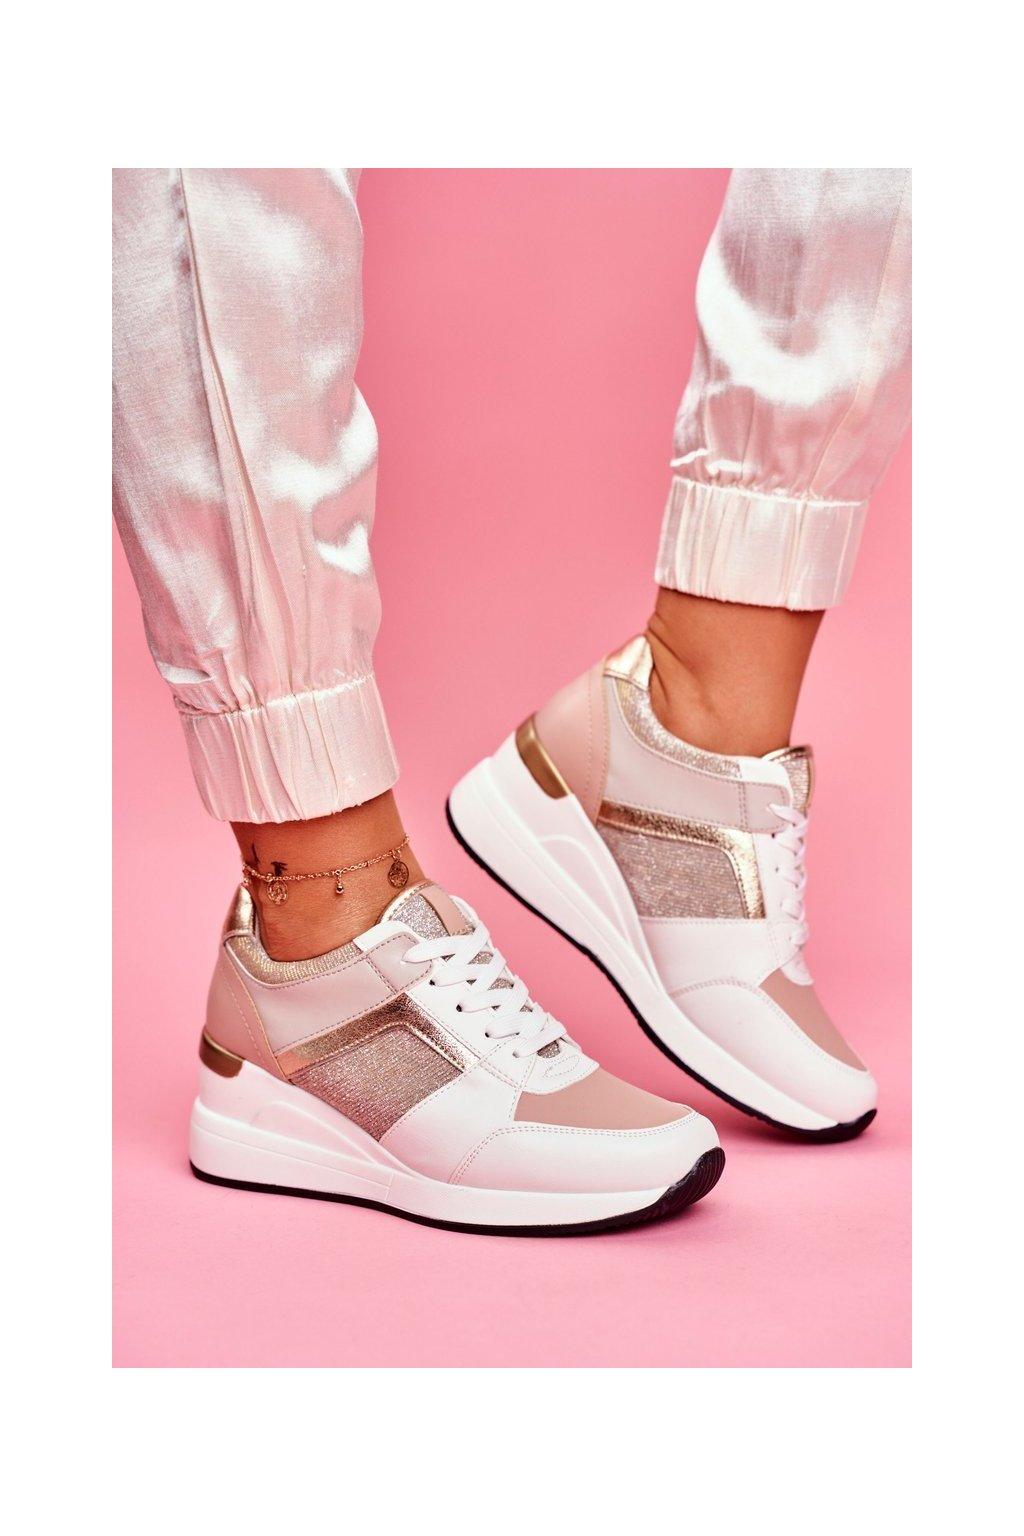 Dámska športová obuv Bílo-ružová Dillion